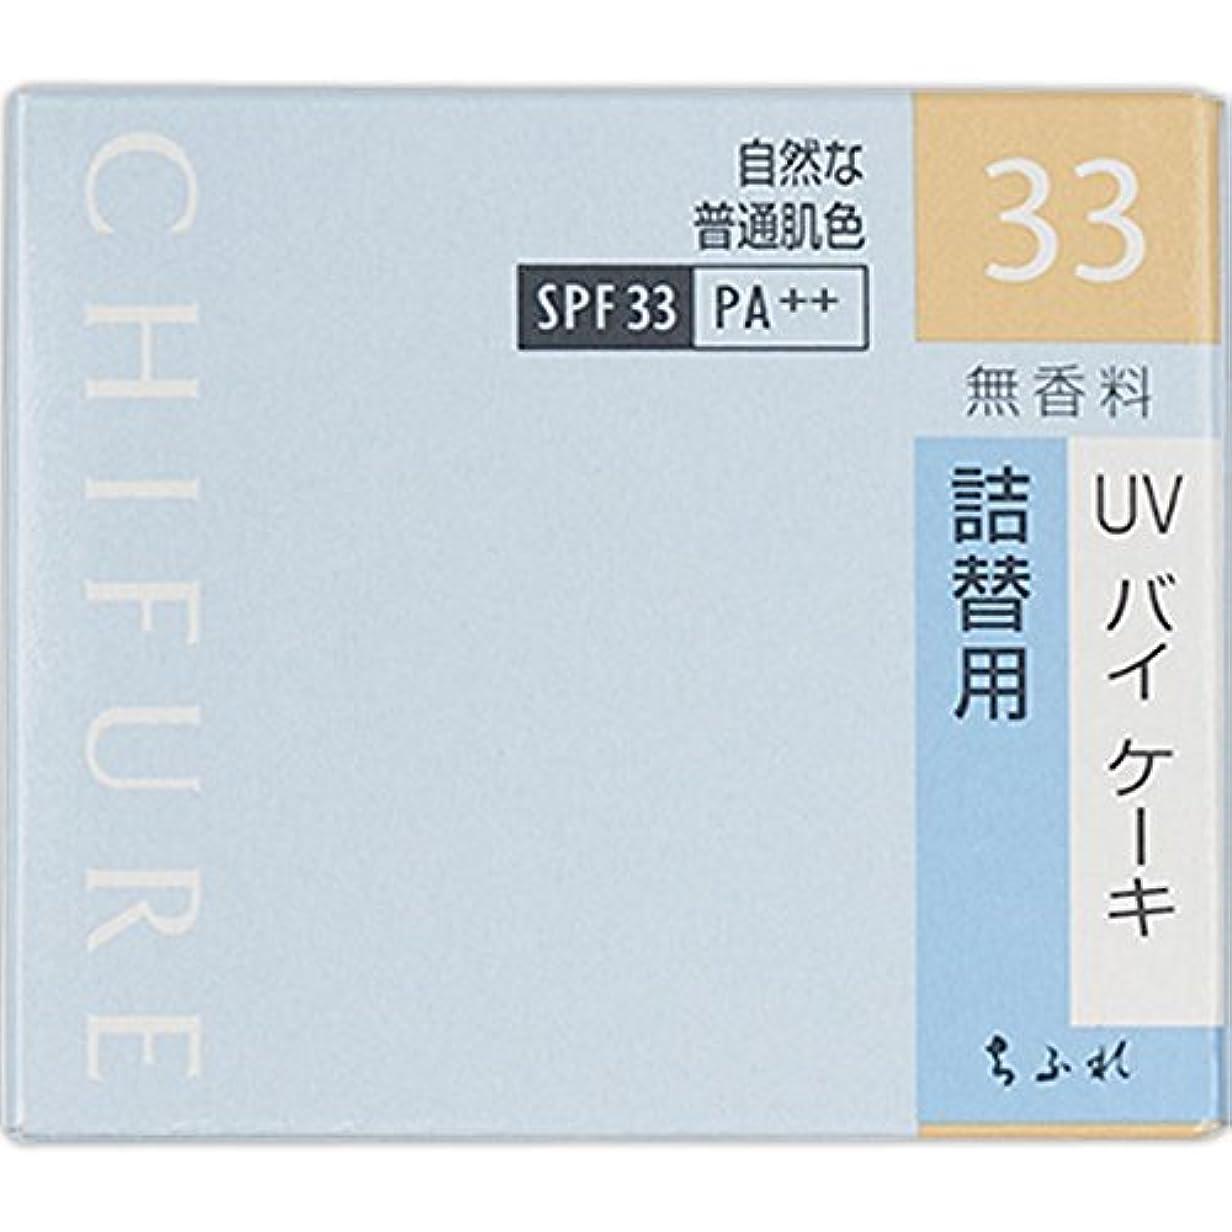 誤プレゼンテーション別のちふれ化粧品 UV バイ ケーキ 詰替用 33 自然な普通肌色 14g